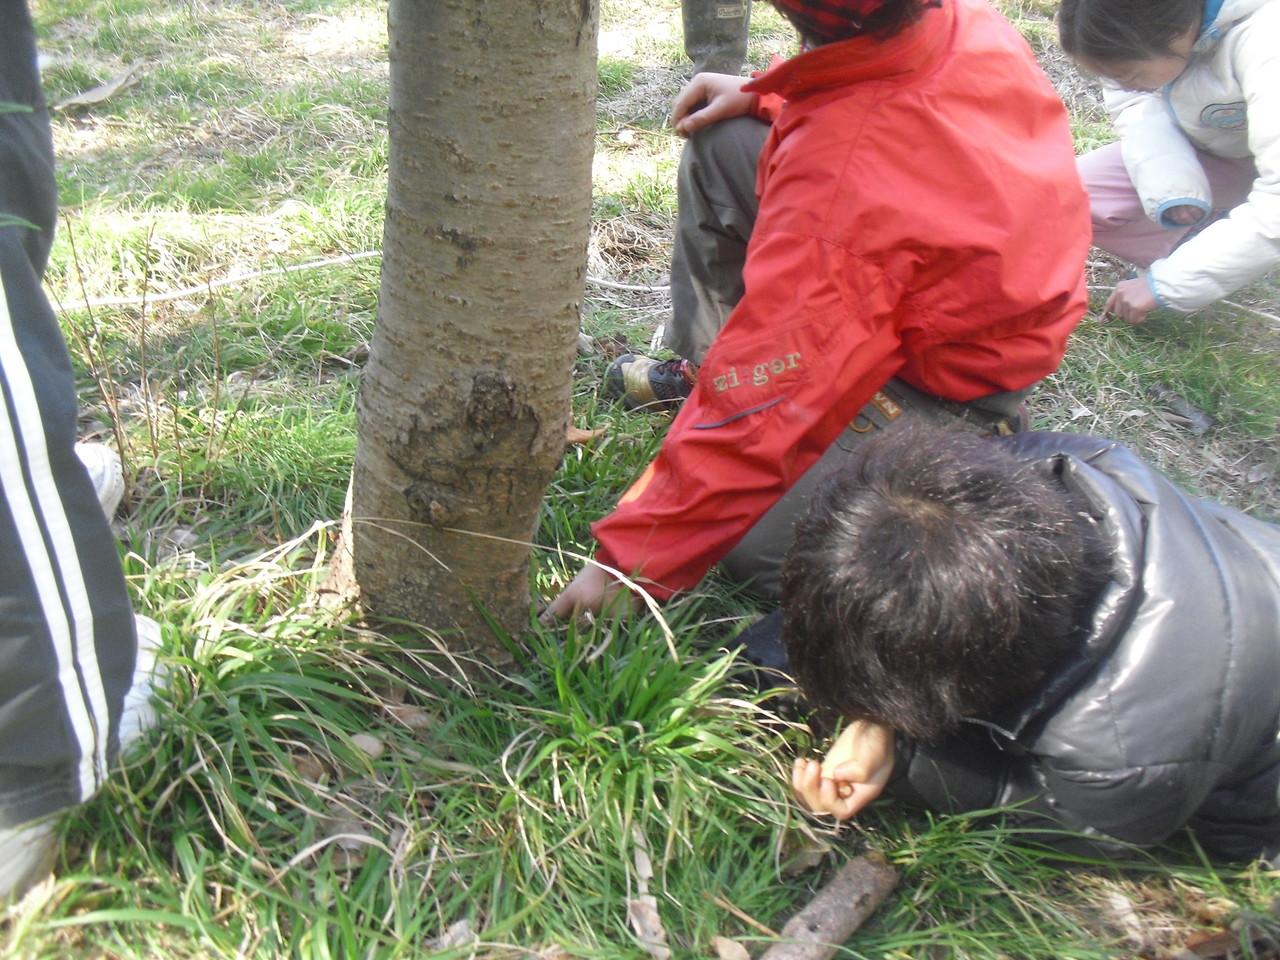 さて、隠した木の実、すべて探せるでしょうか!?